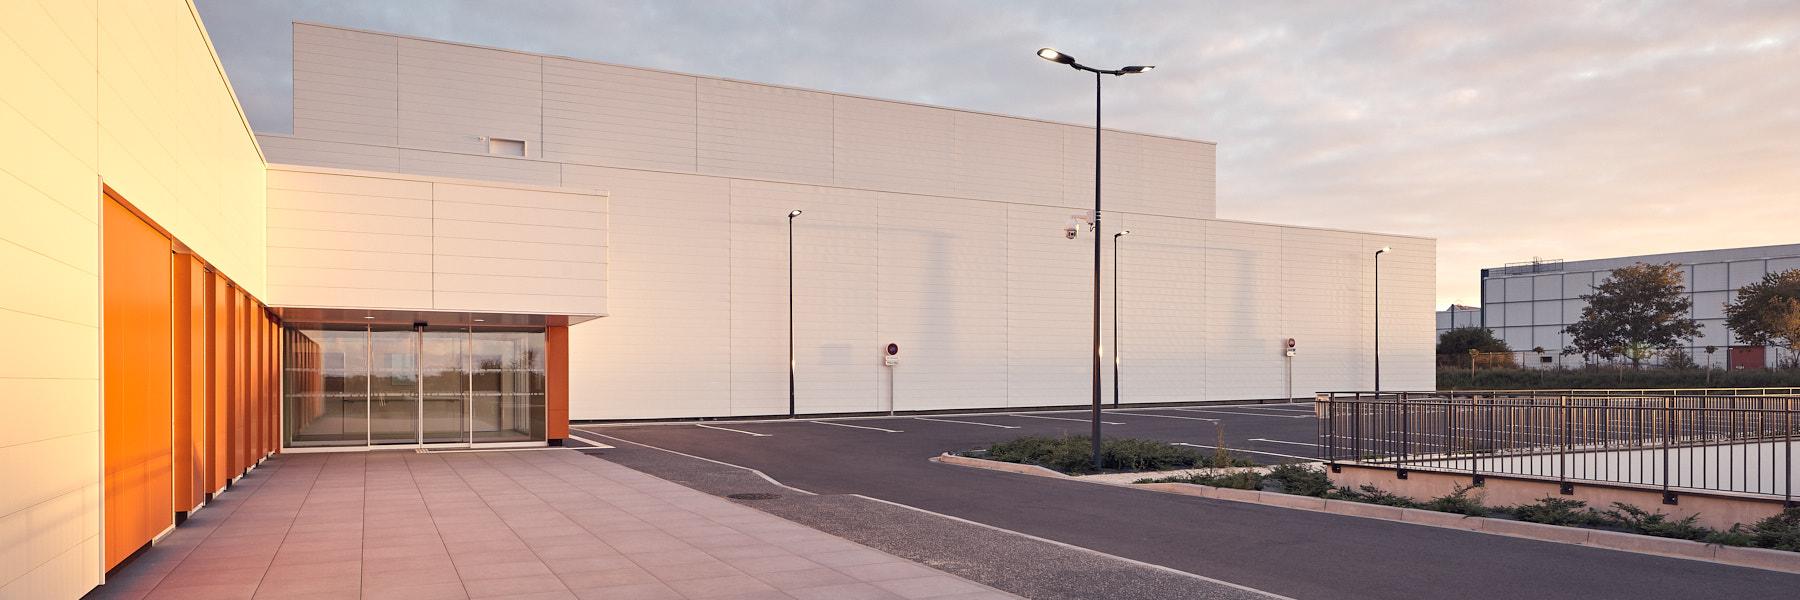 Centre Hadronthérapie à Caen par Enia architectes